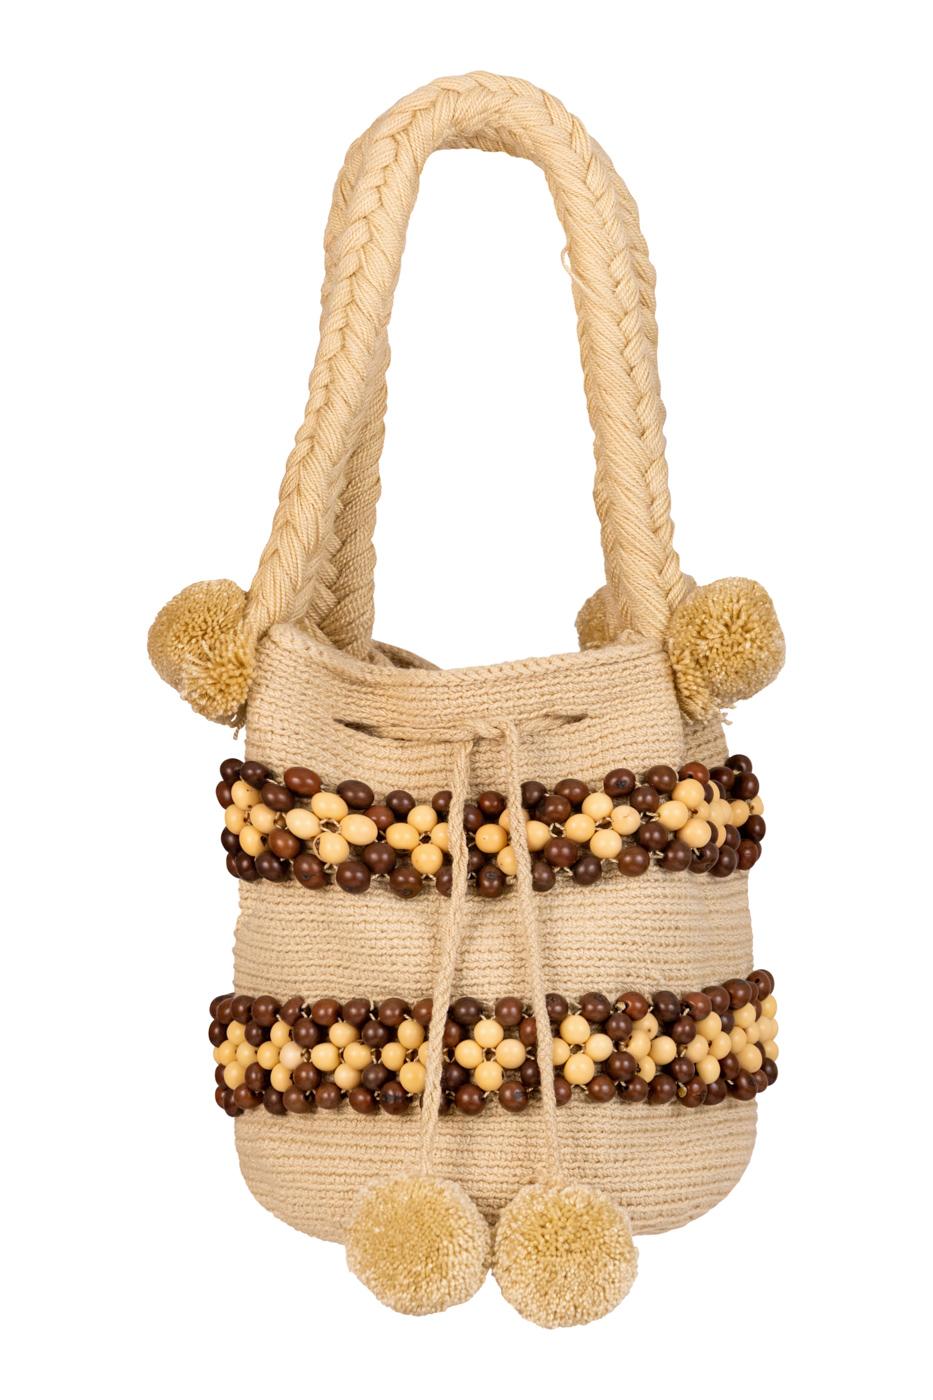 Mochila Wayuu semillas de tagua